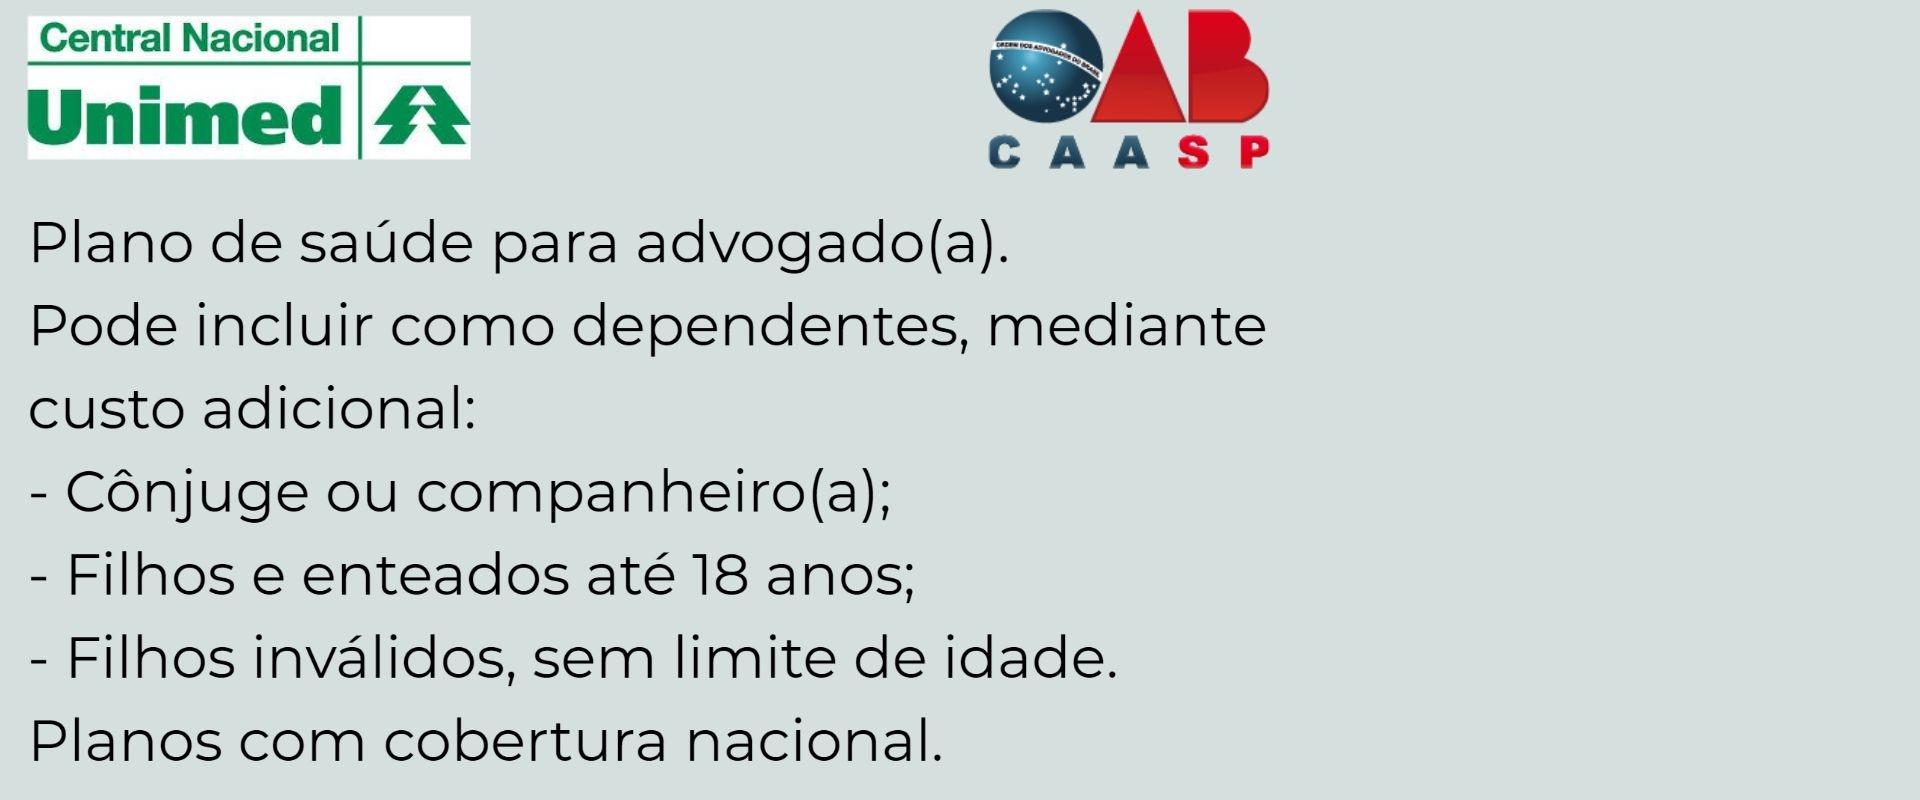 Unimed CAASP Guarulhos